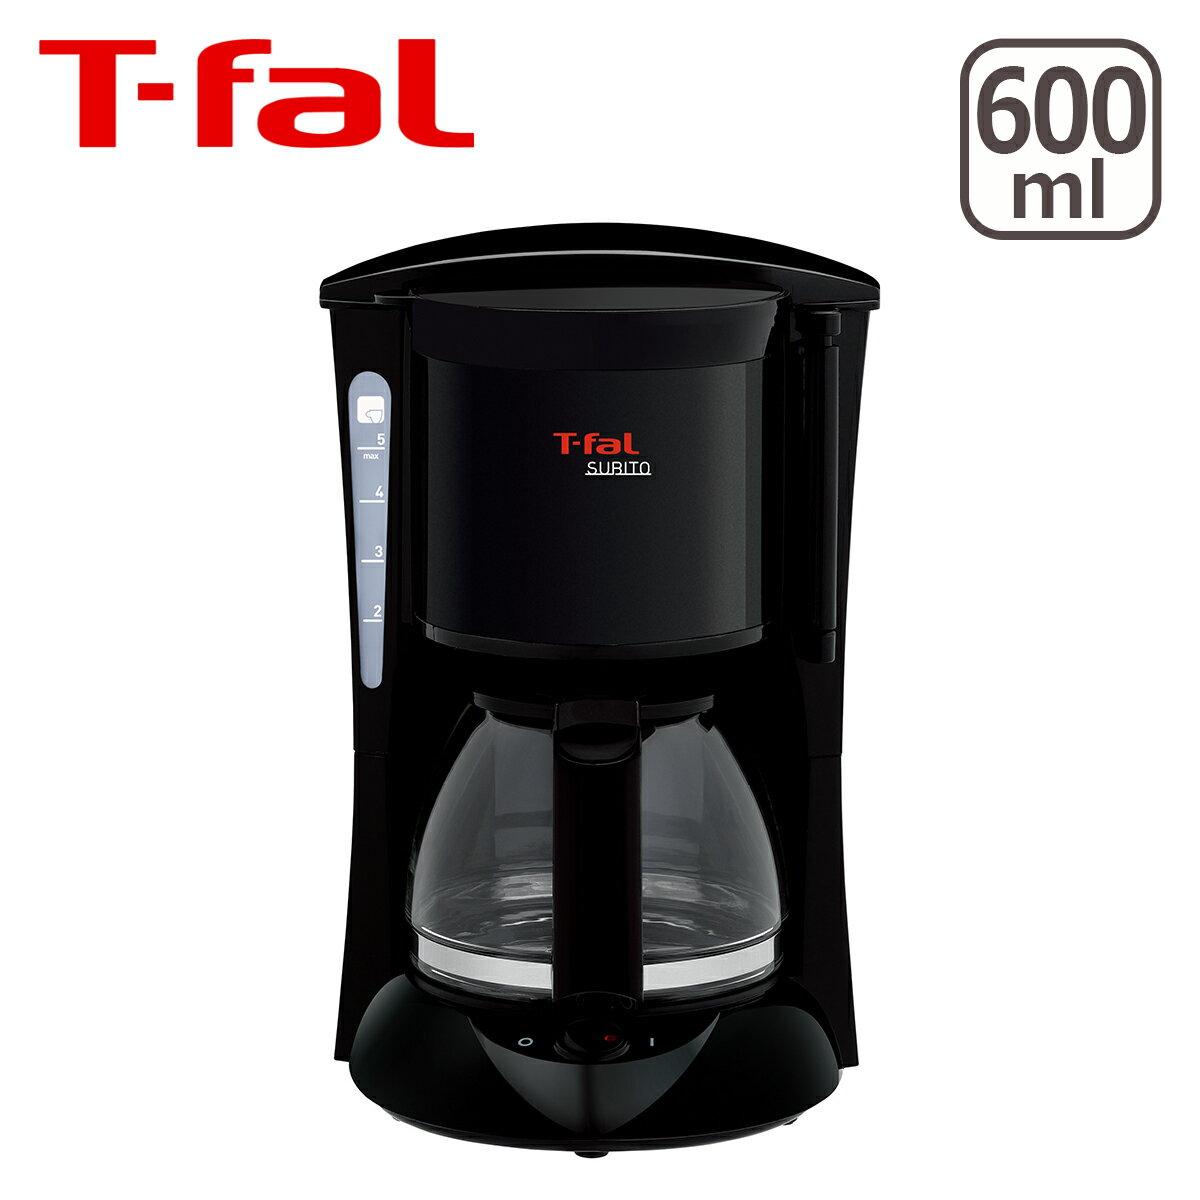 ティファール T-fal コーヒーメーカー スビト ソリッドブラック CM1538JP